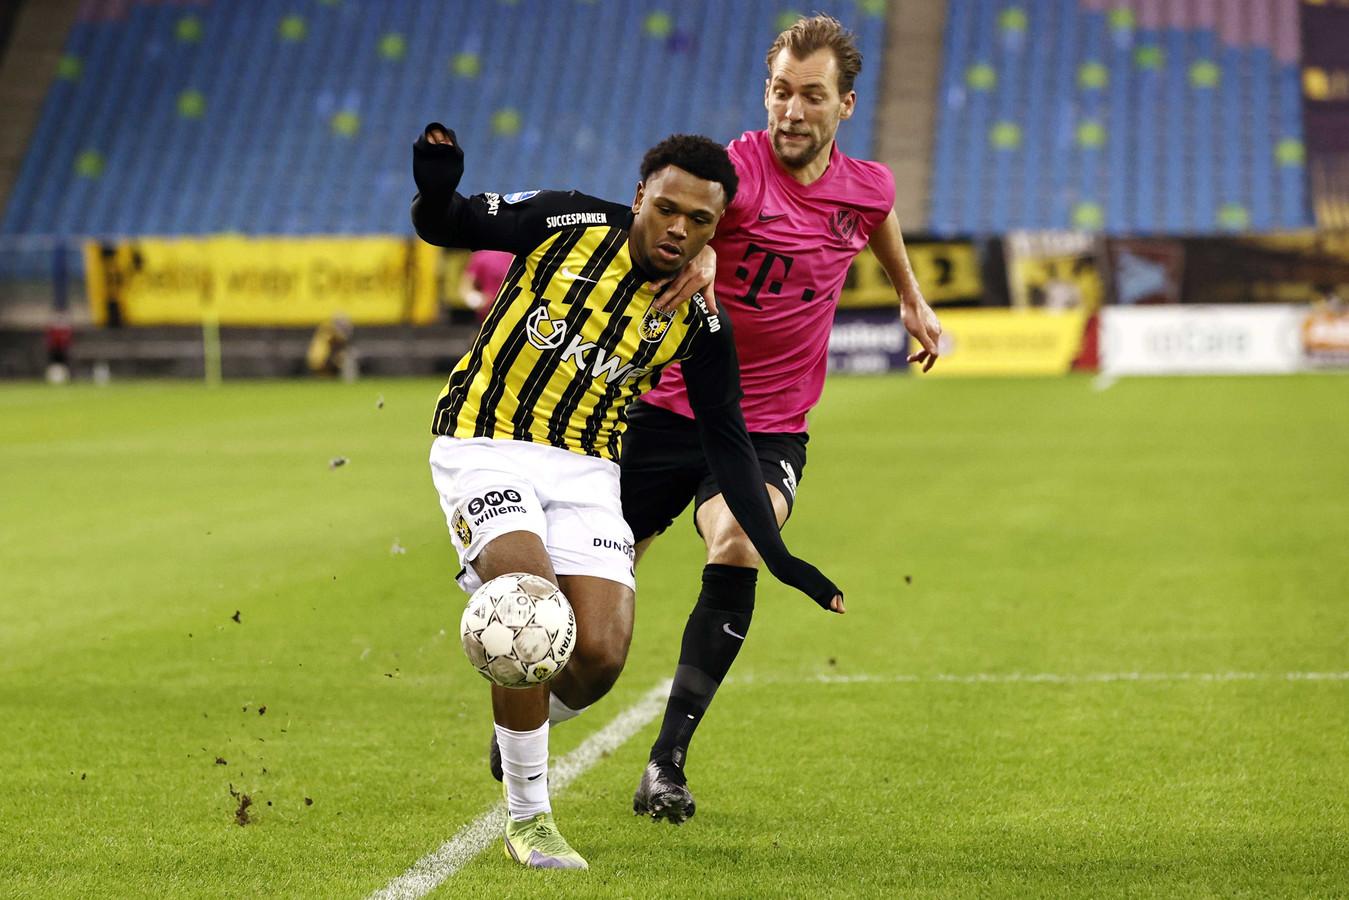 Loïs Openda (links) schudt Willem Janssen van FC Utrecht van zich af. De Belg staat in het bekerduel met ADO Den Haag vermoedelijk weer aan de aftrap bij Vitesse.